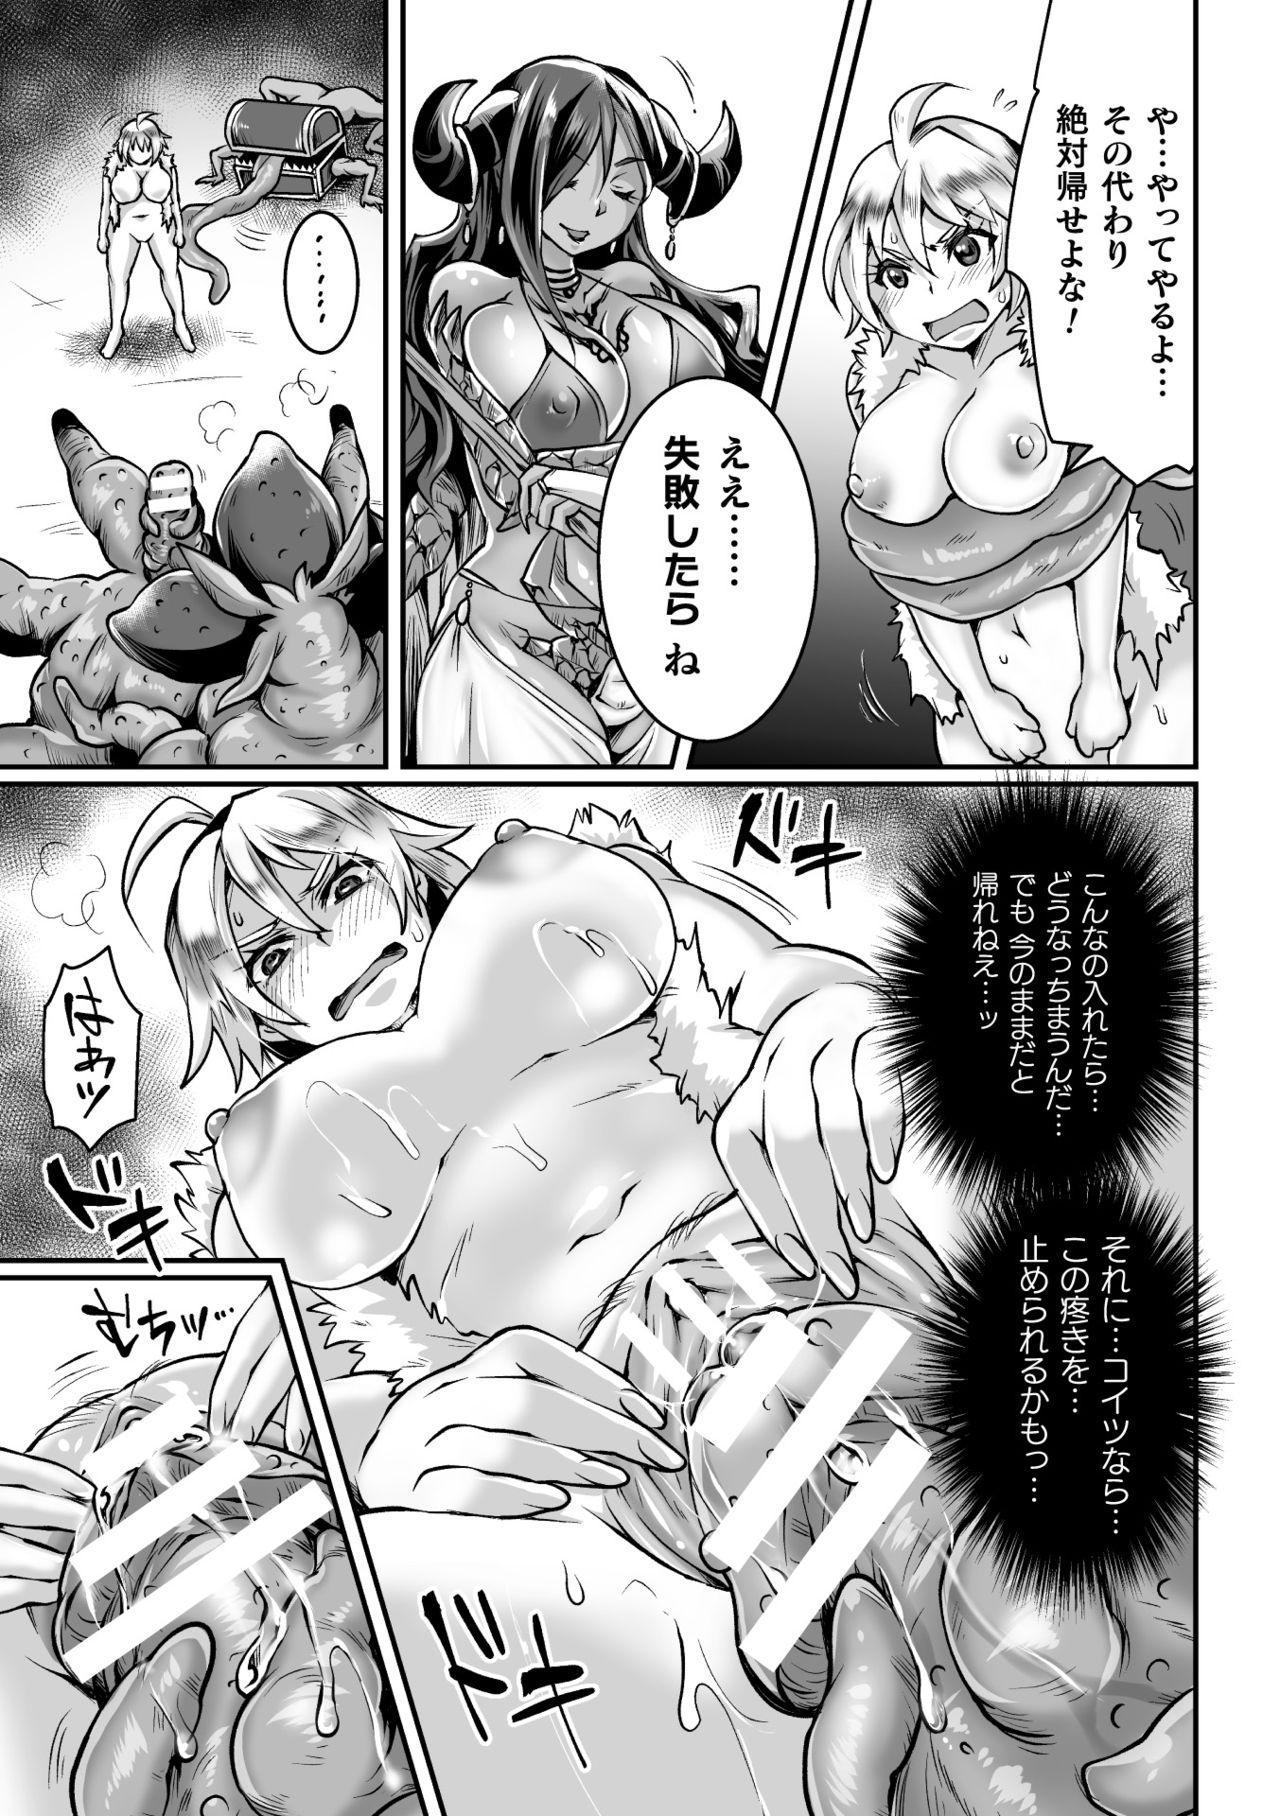 2D Comic Magazine Mesu Ochi! TS Ero Trap Dungeon Vol. 2 40